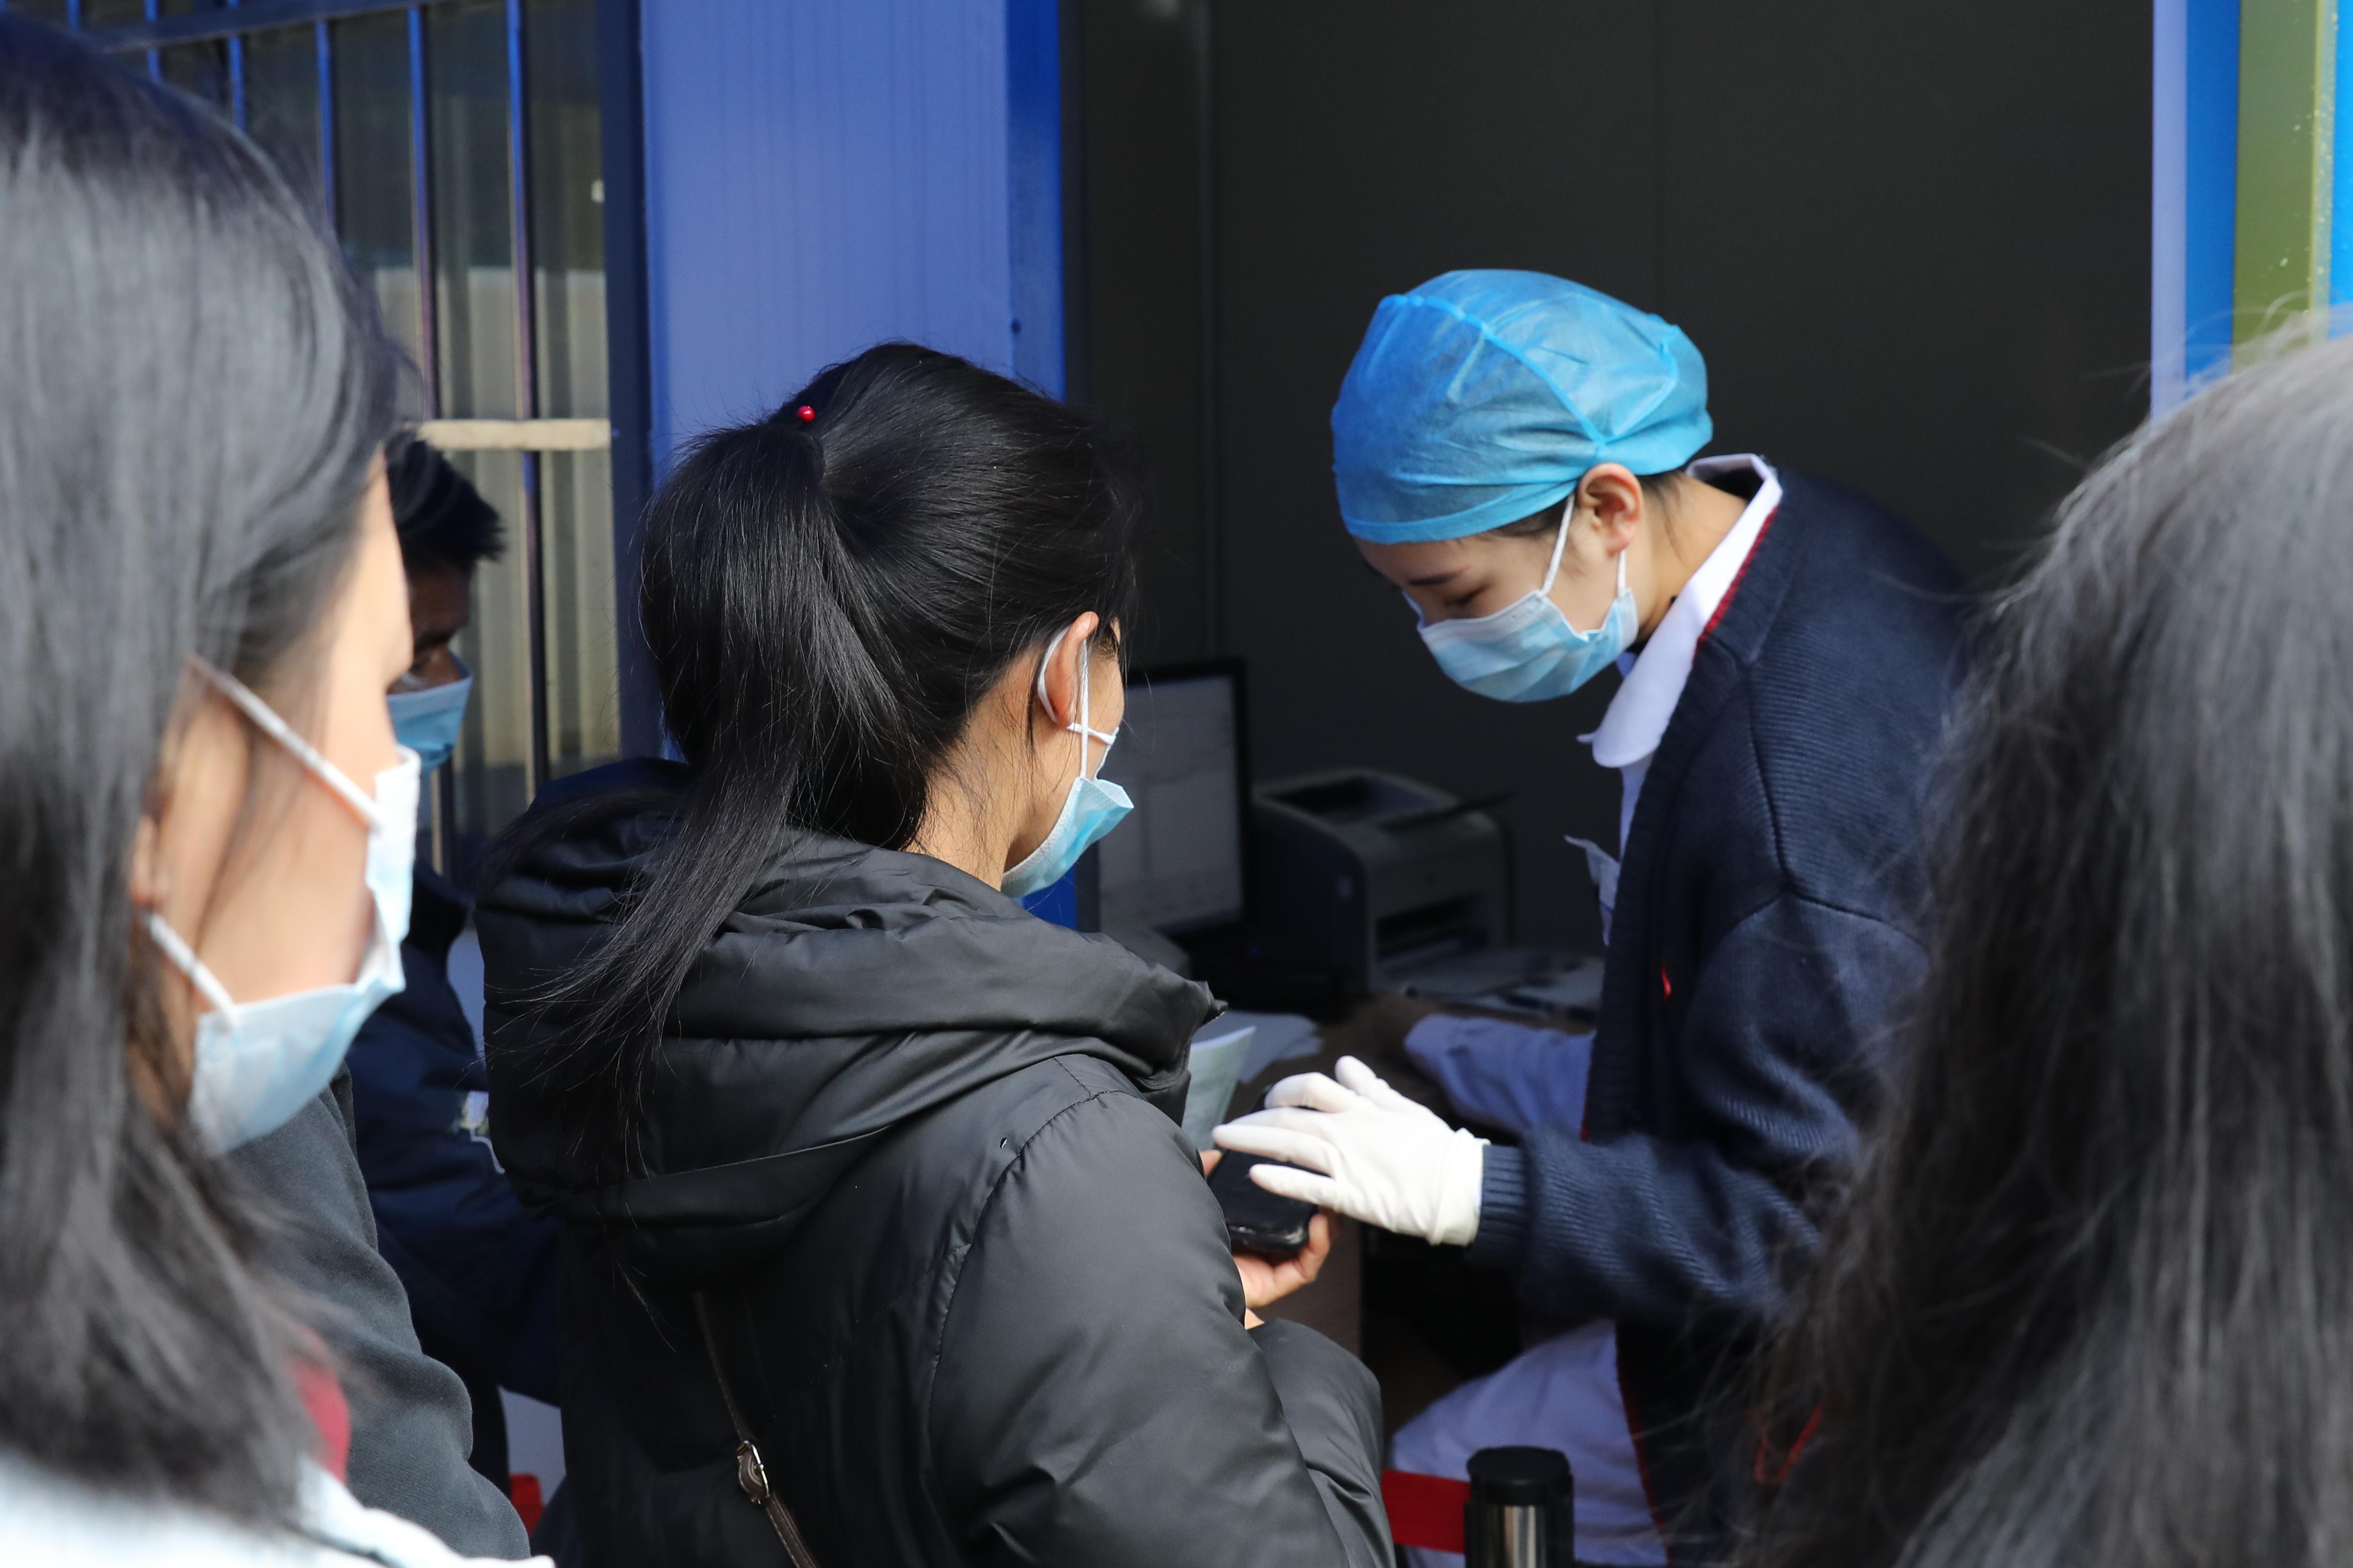 广西壮族自治区南溪山医院核酸检测便民利民举措多:推出网上预约,上门服务,一站式服务